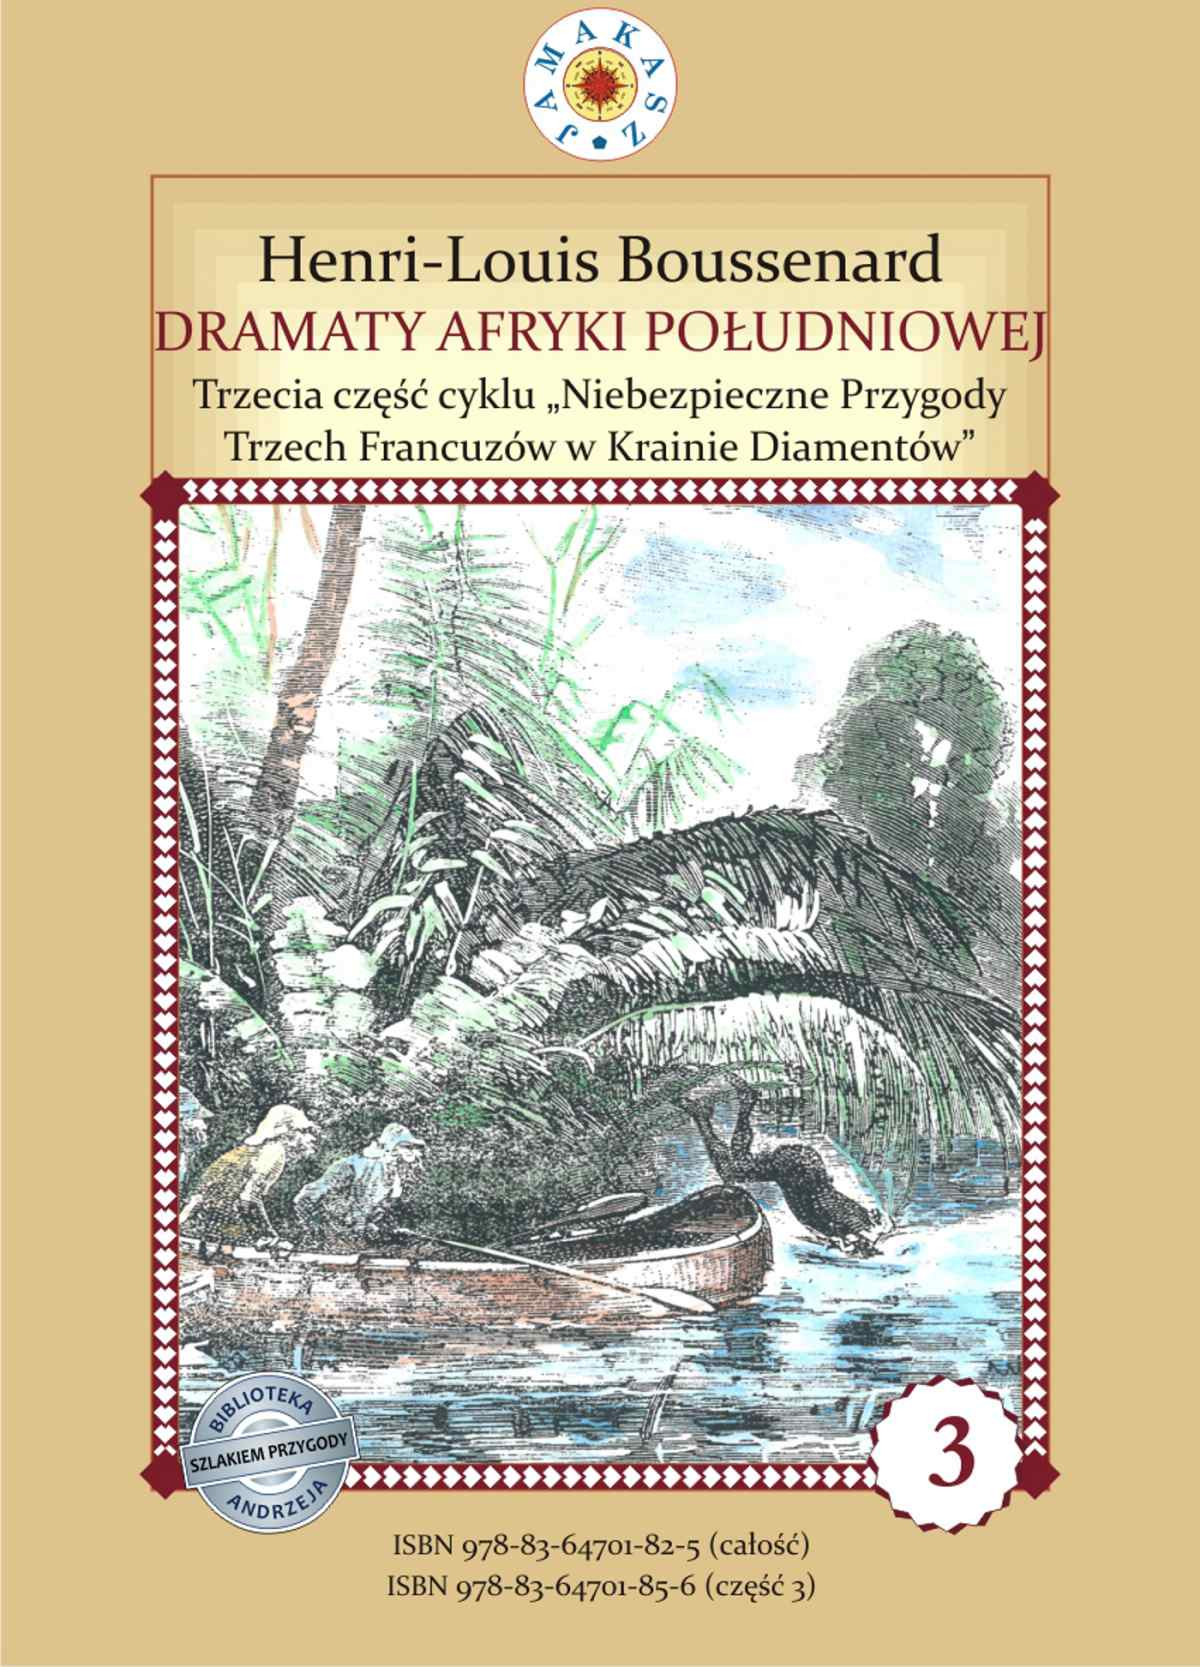 """Dramaty Afryki Południowej. III część cyklu """"Niebezpieczne Przygody Trzech Francuzów w Krainie Diamentów - Ebook (Książka na Kindle) do pobrania w formacie MOBI"""